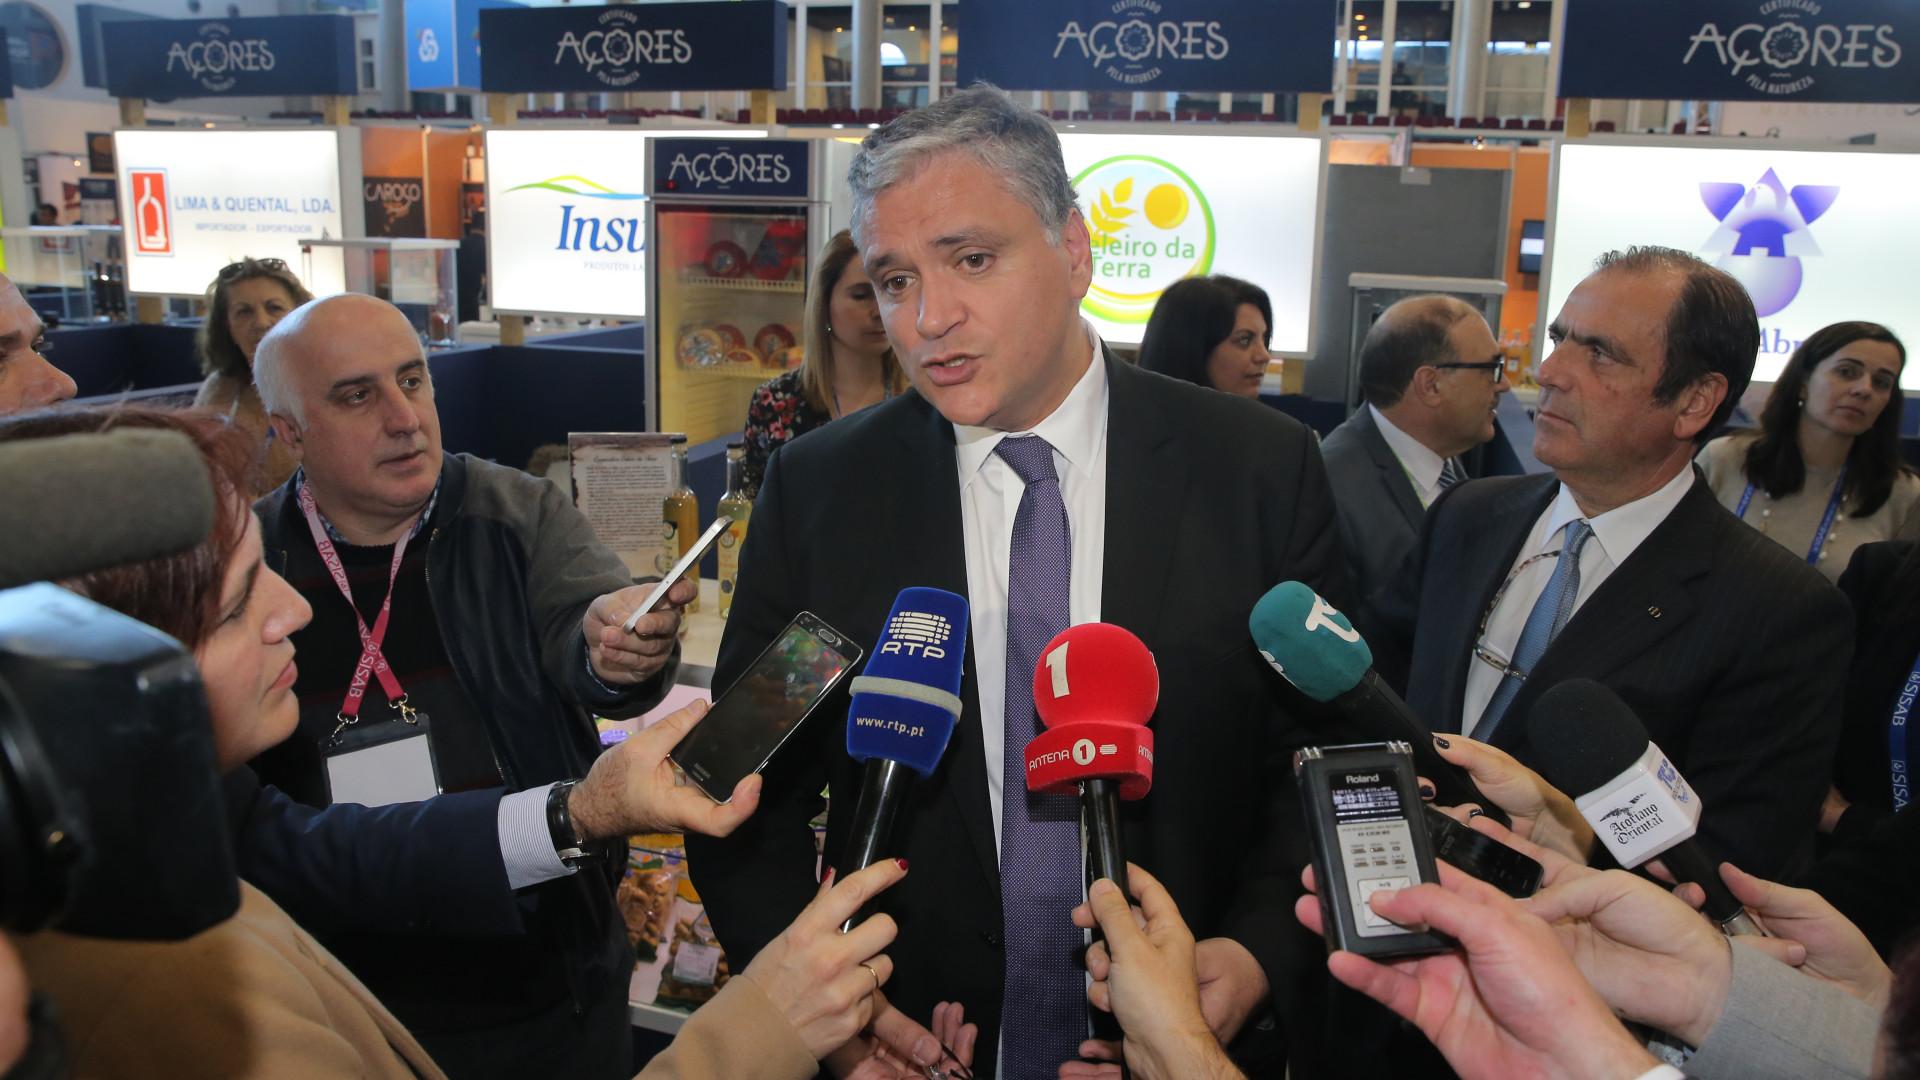 Vasco Cordeiro pede transparência em relação à contaminação das Lajes